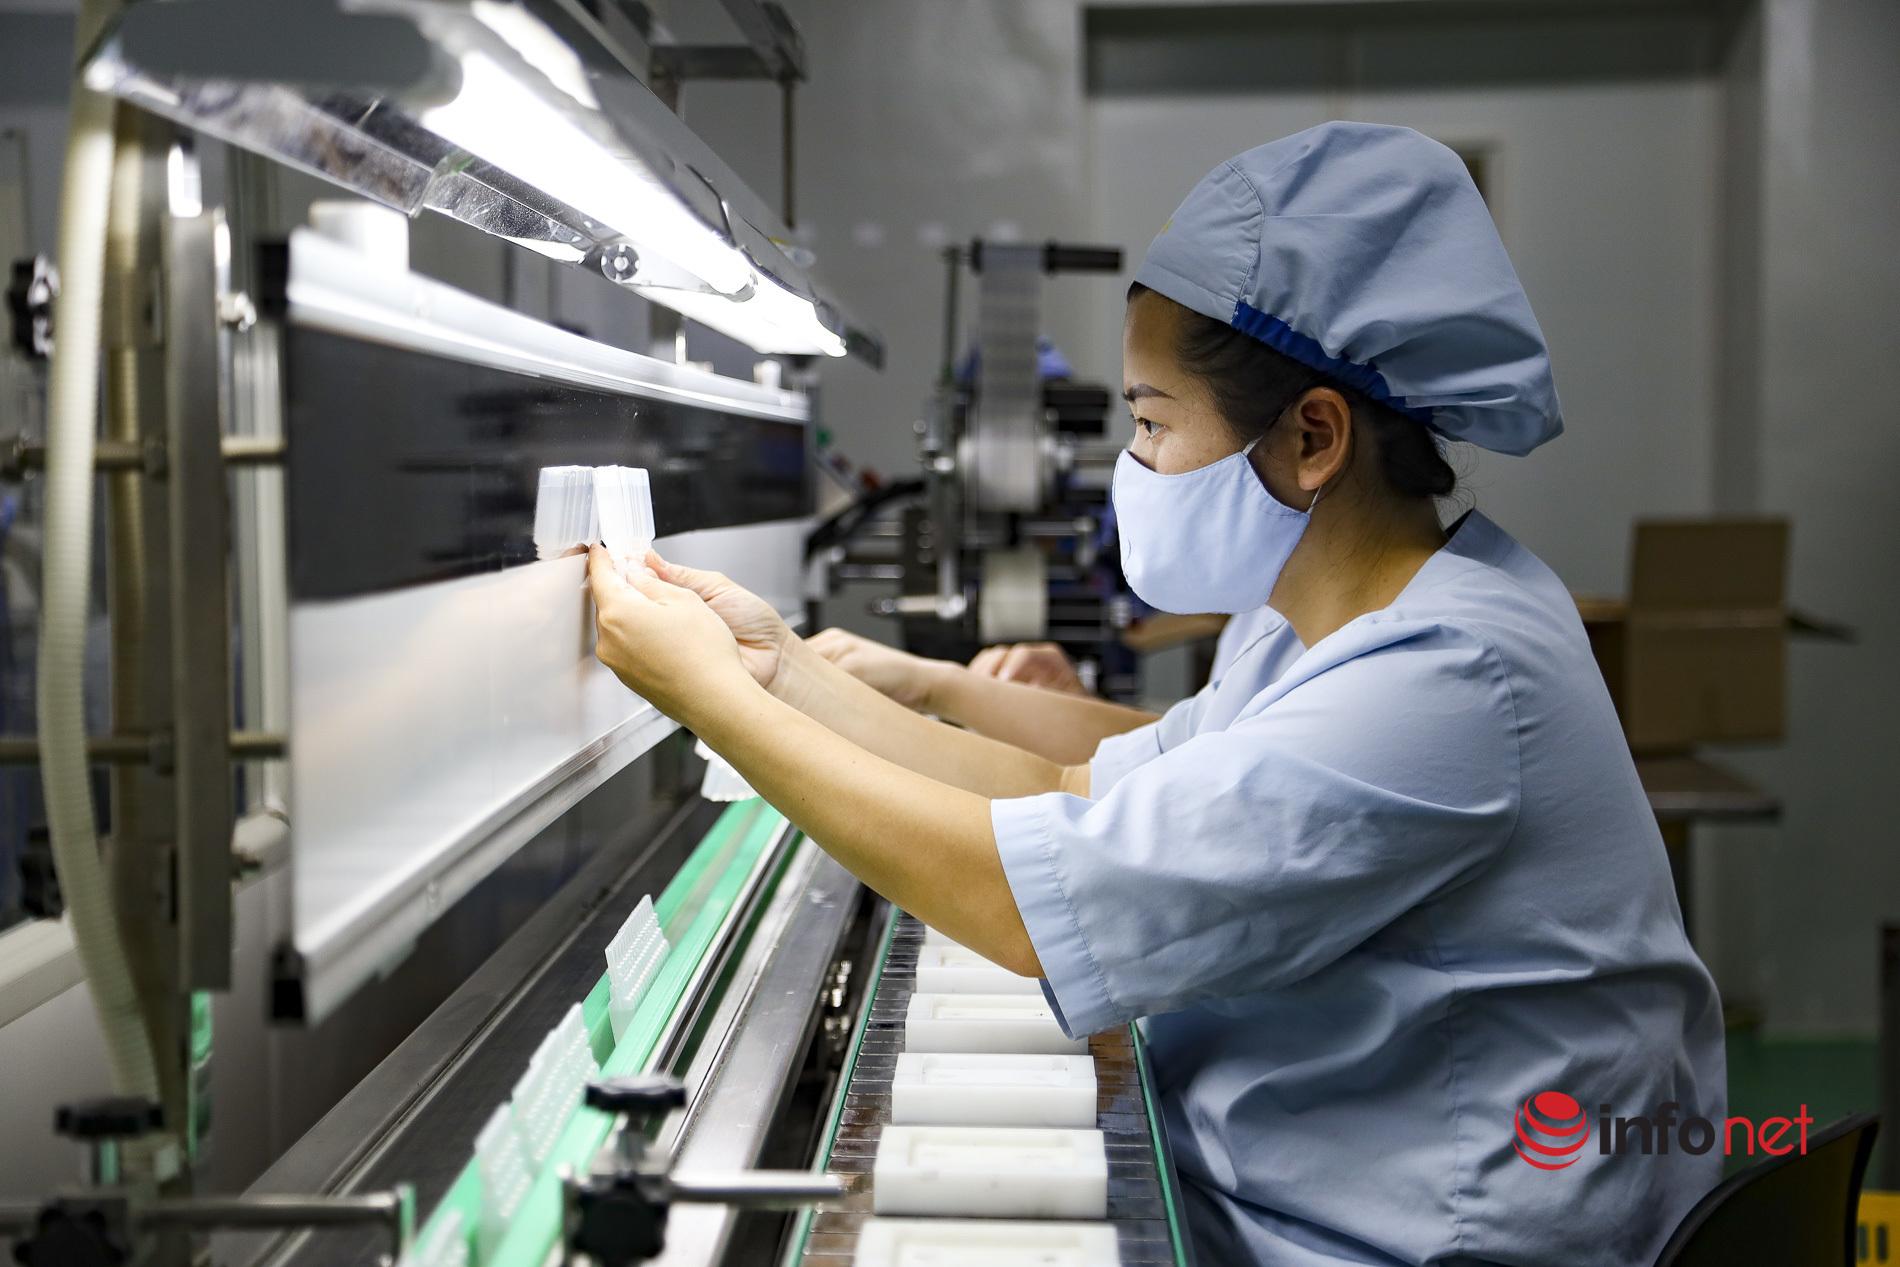 Bên trong nhà máy sản xuất hơn 6 triệu ống dung môi hỗ trợ cho chiến dịch tiêm phòng Covid-19